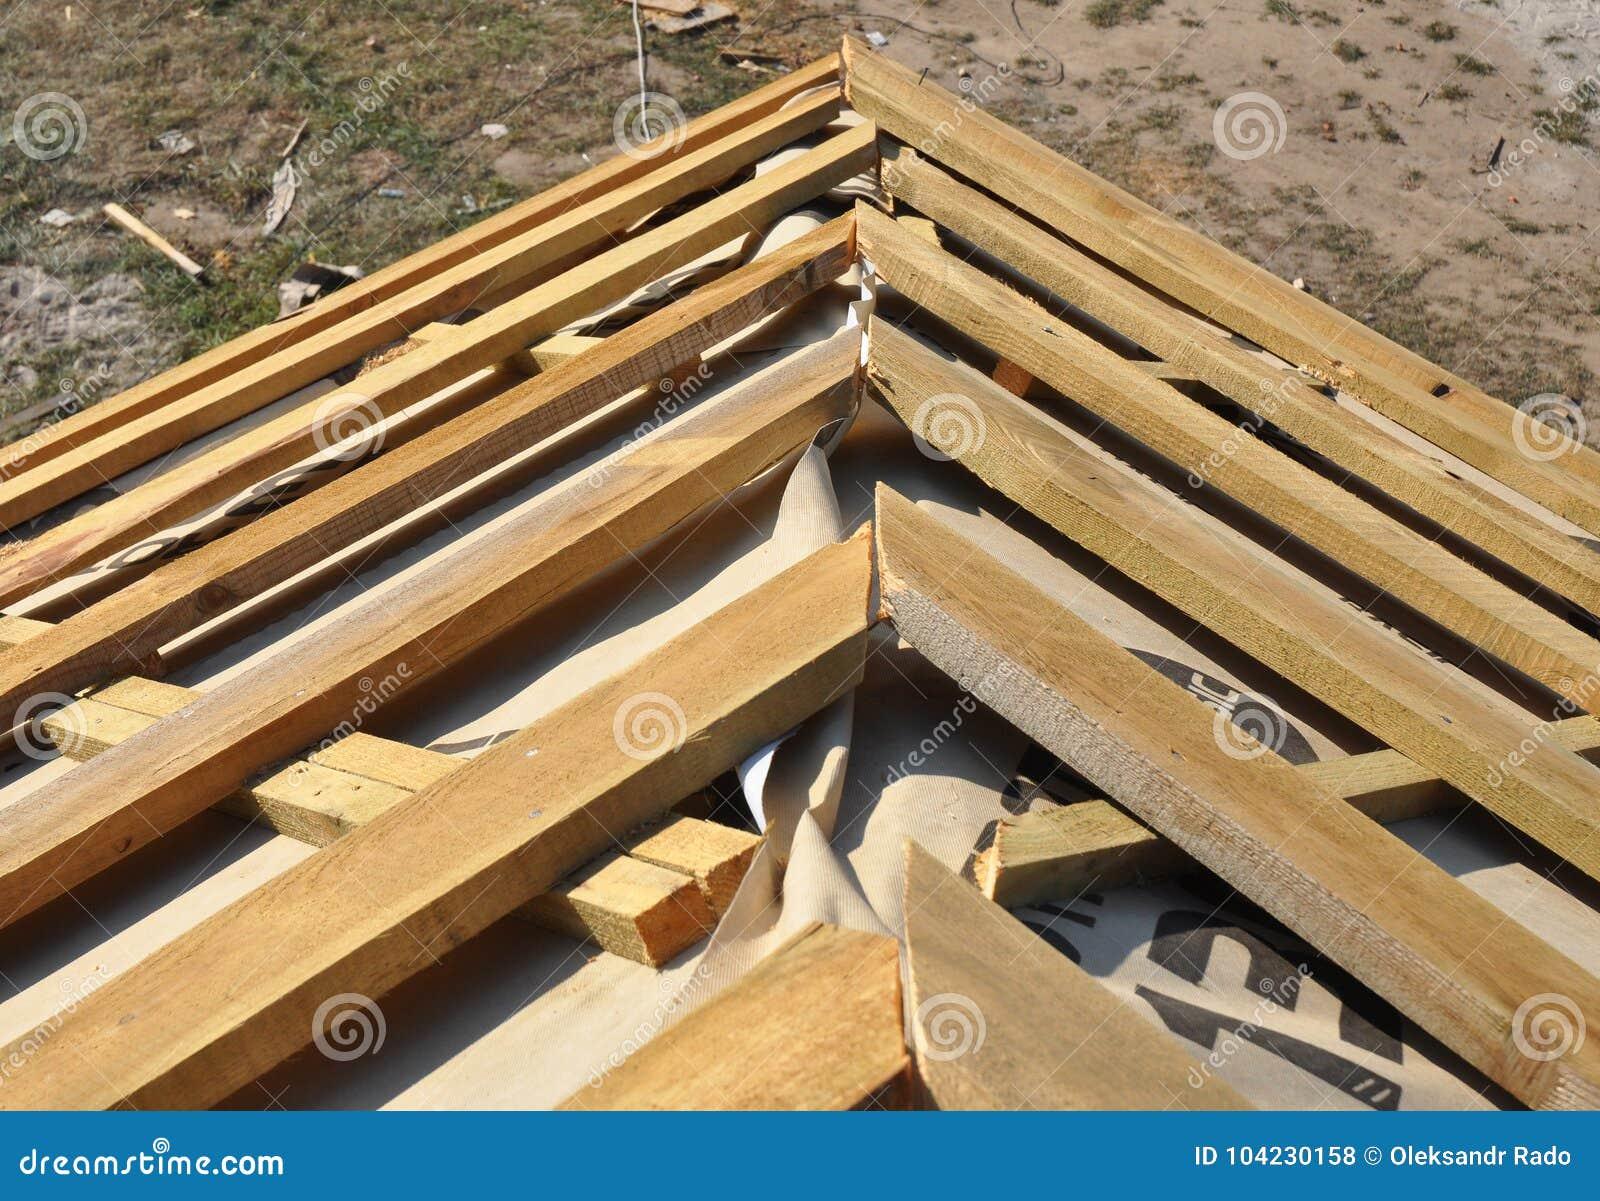 Κατασκευή υλικού κατασκευής σκεπής γωνιών στεγών σπιτιών Εγκαταστήστε τη στέγη σπιτιών με τα ξύλινες ζευκτόντα και τη μεμβράνη μό